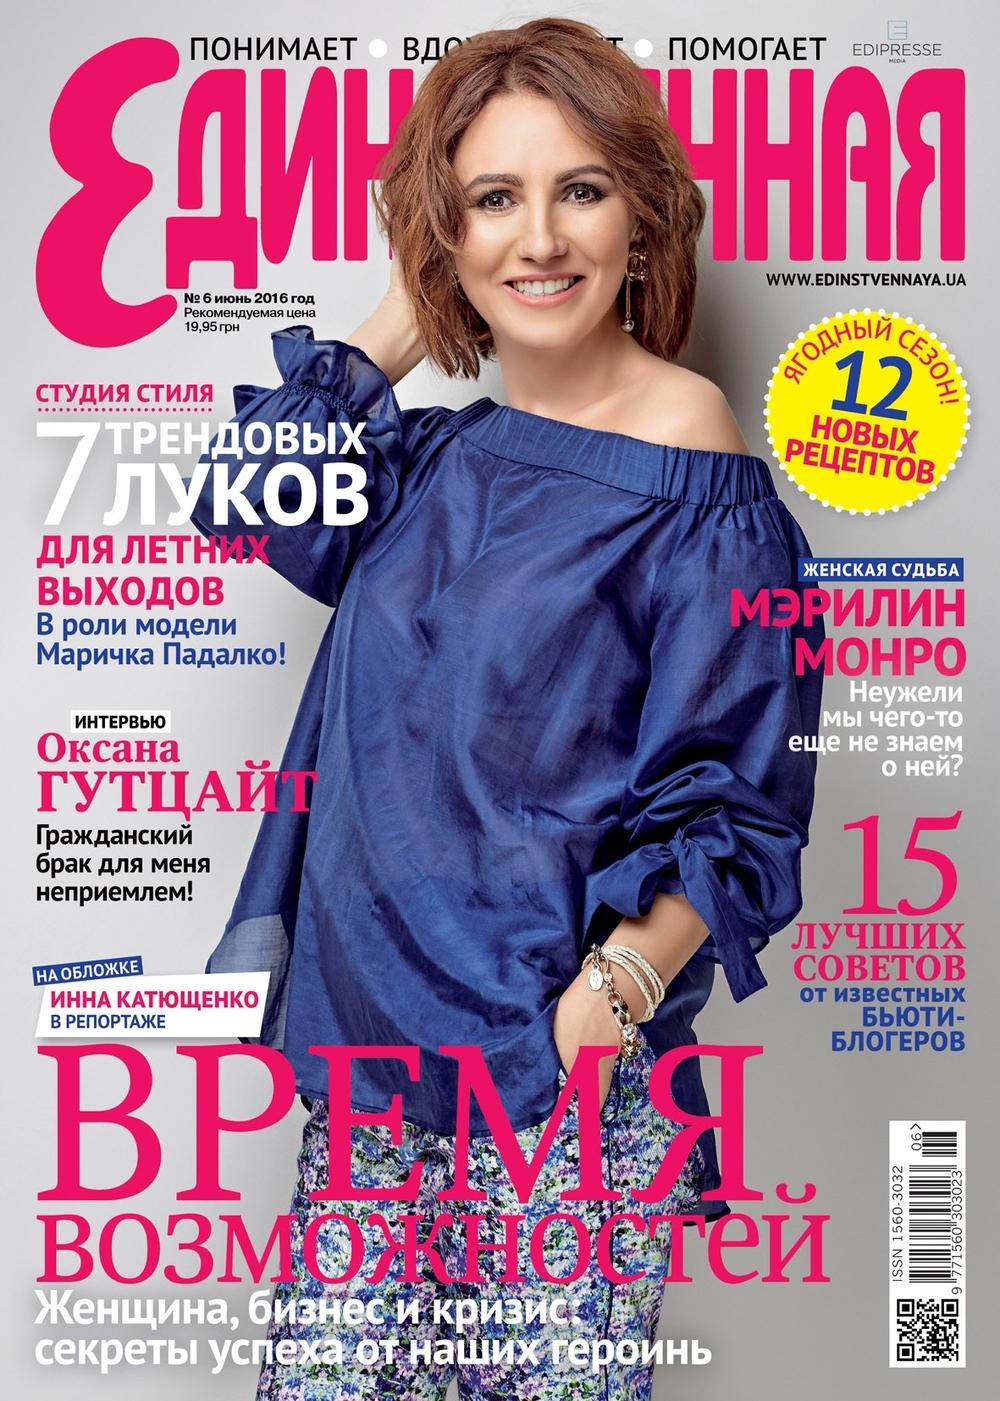 cover_ed0616.jpg